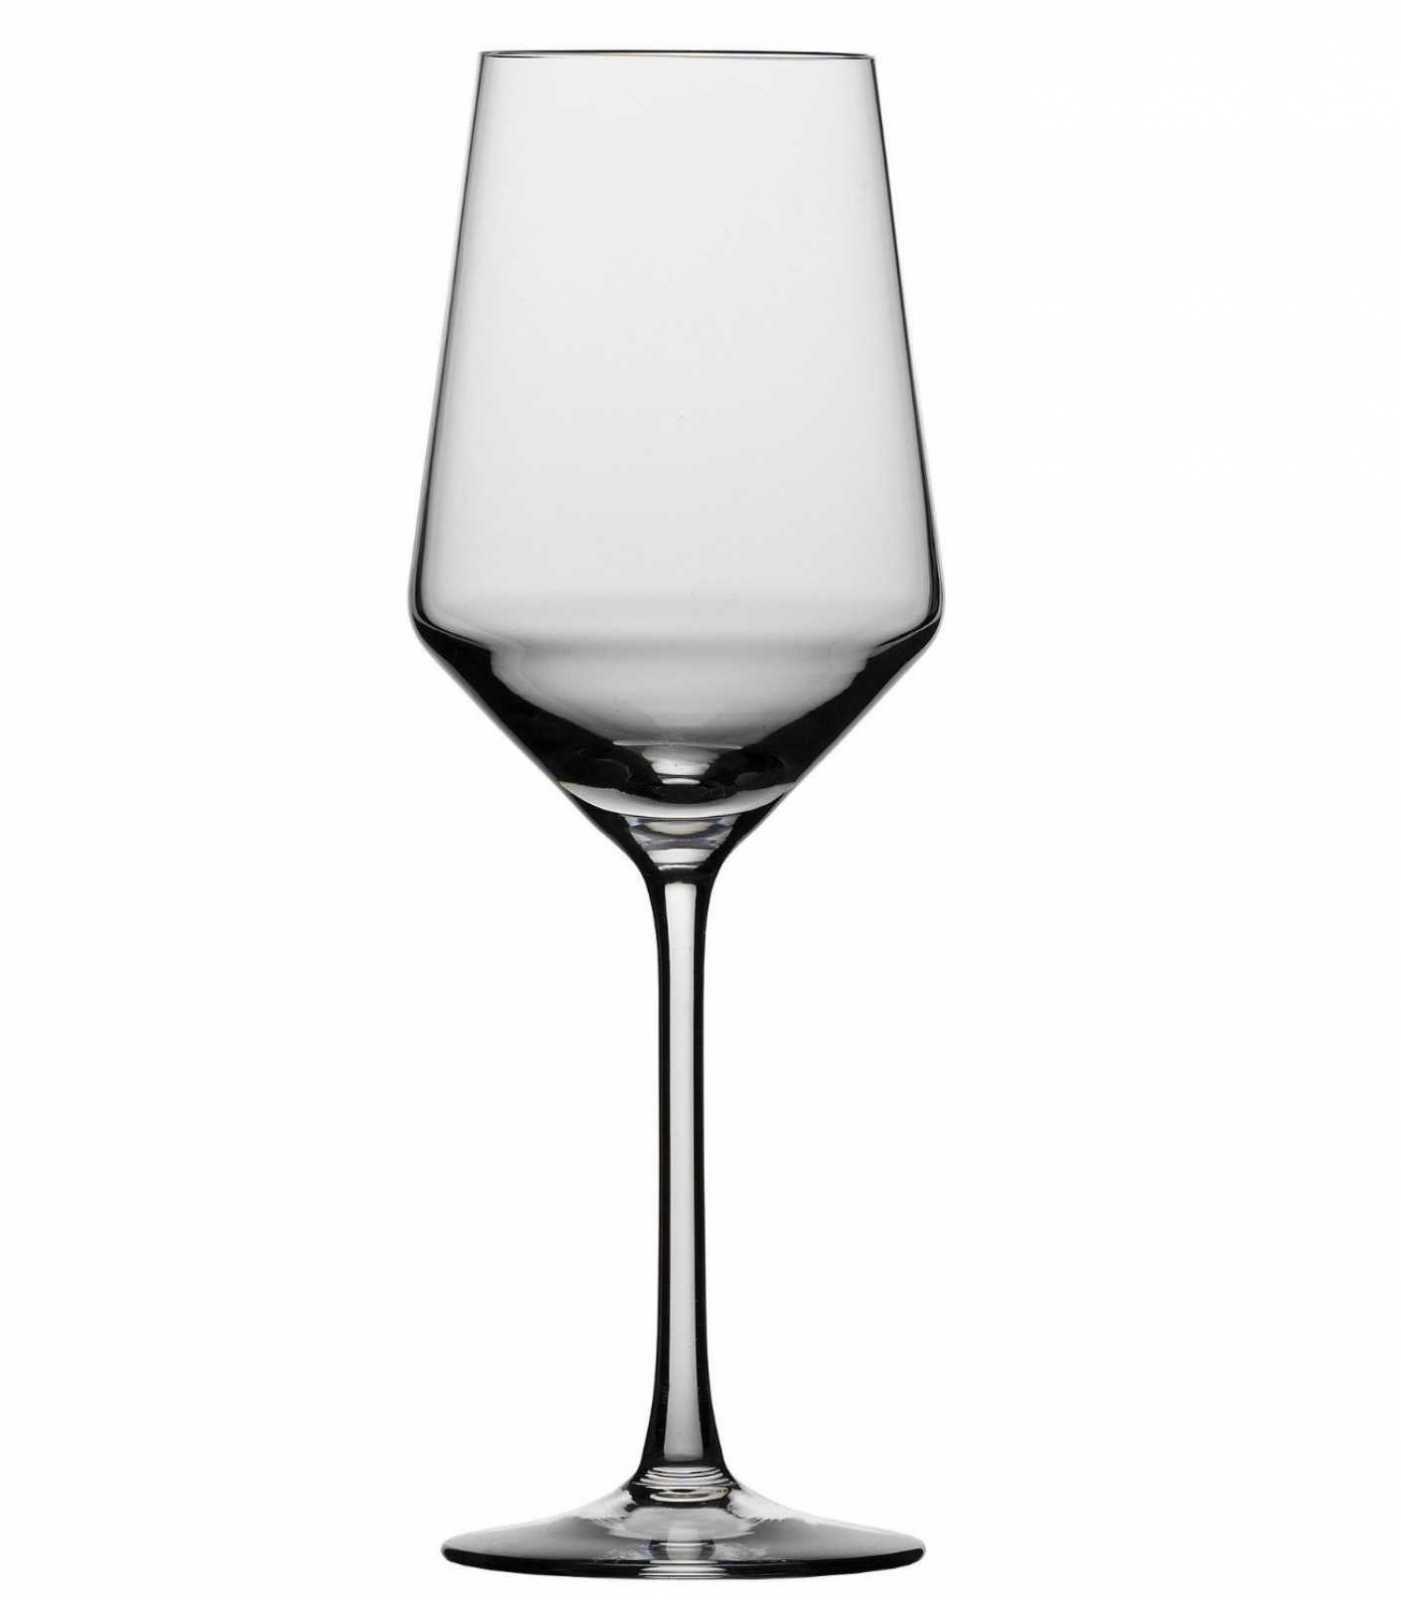 Набор бокалов для белого вина Schott Zwiesel PURE, объем 0,408 л, прозрачный, 6 штук Schott Zwiesel 112412_6шт фото 5